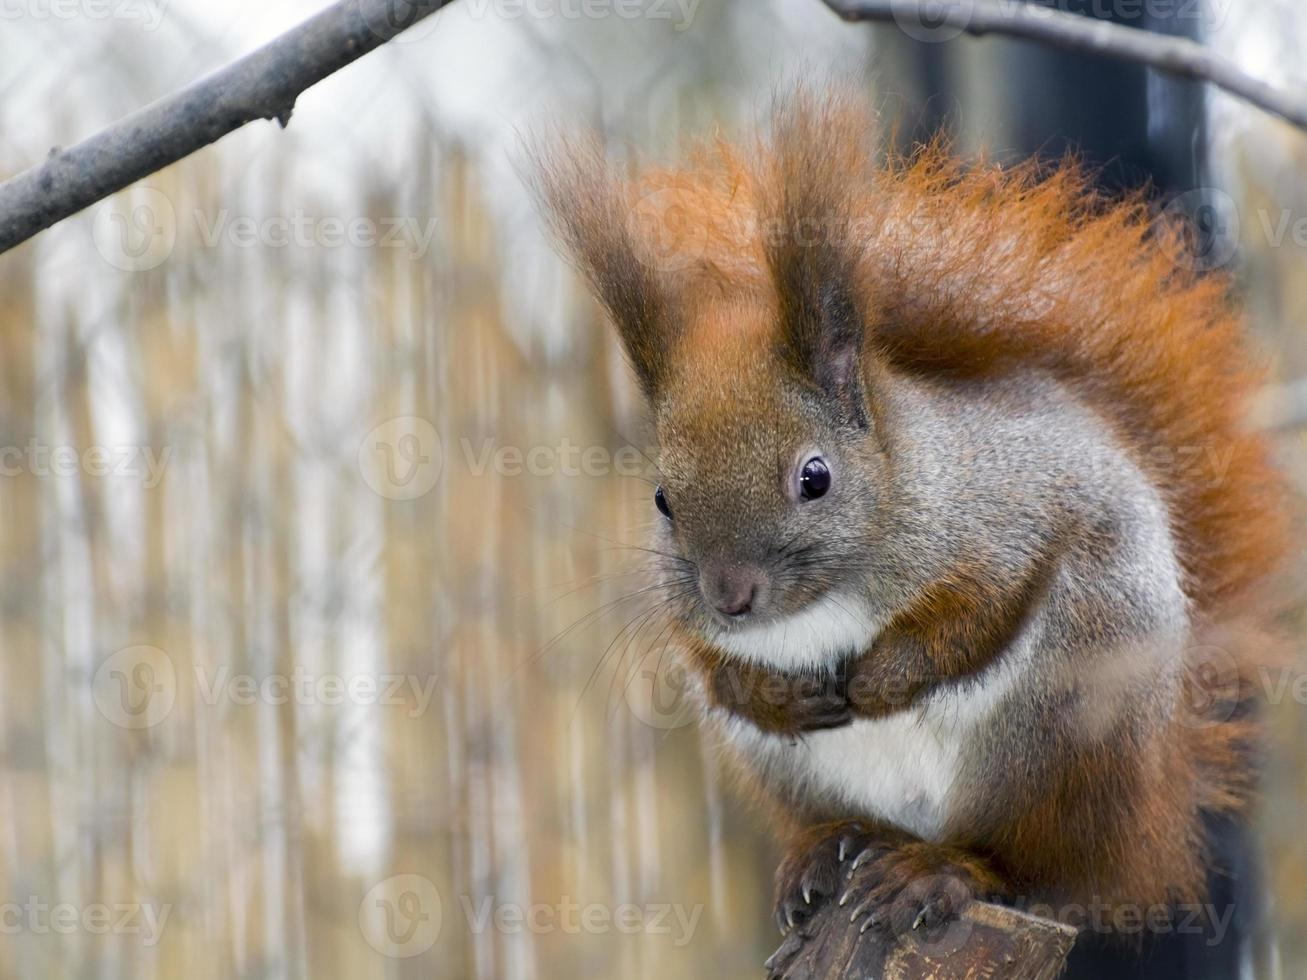 Eurasian red squirrel (Sciurus vulgaris) photo